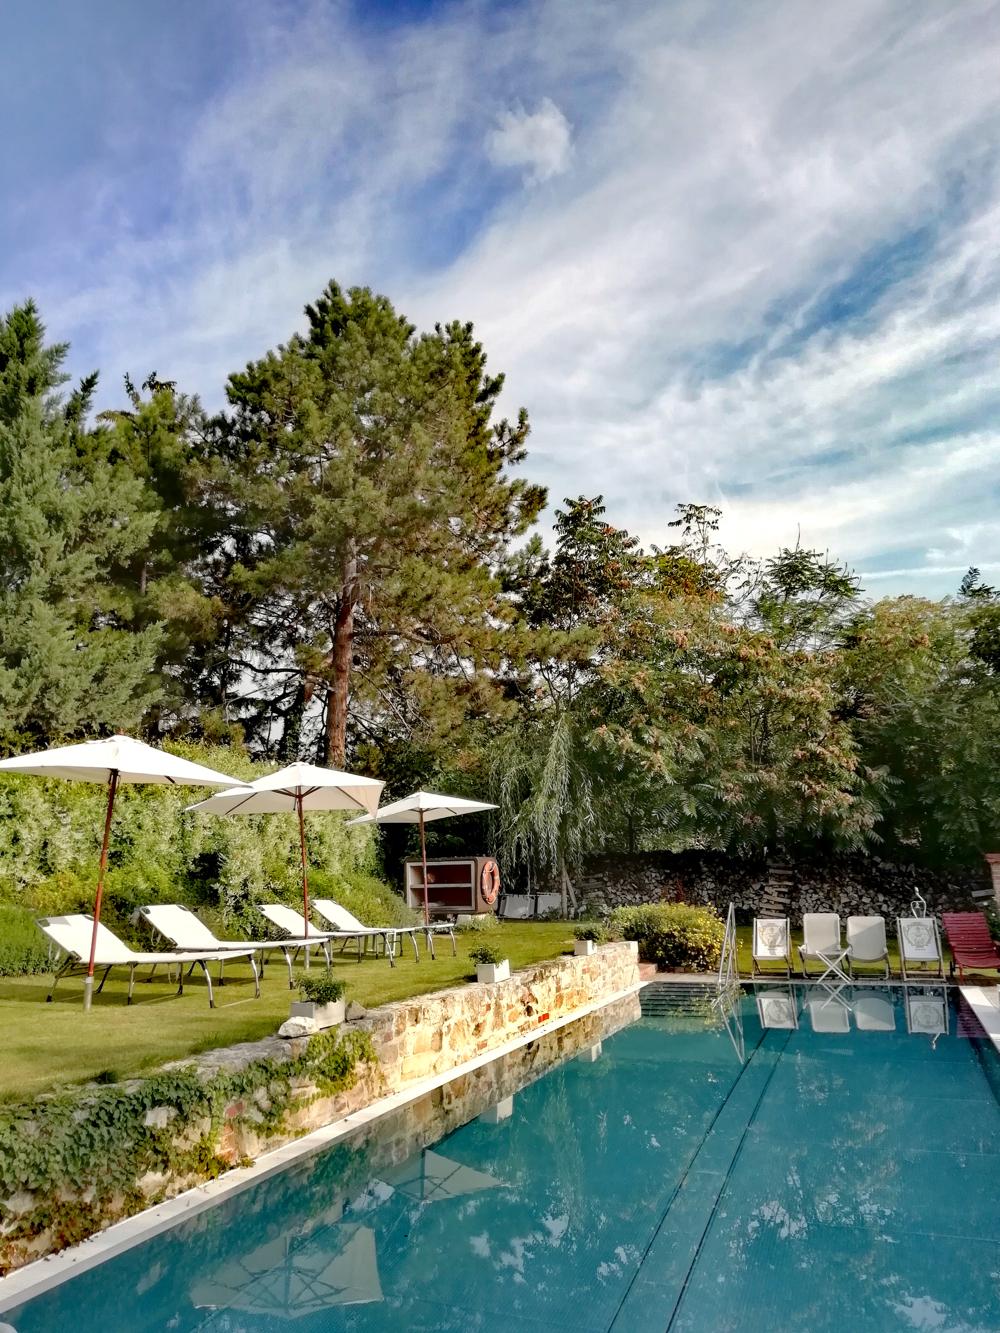 Zwembad met witte ligstoelen op groen gras